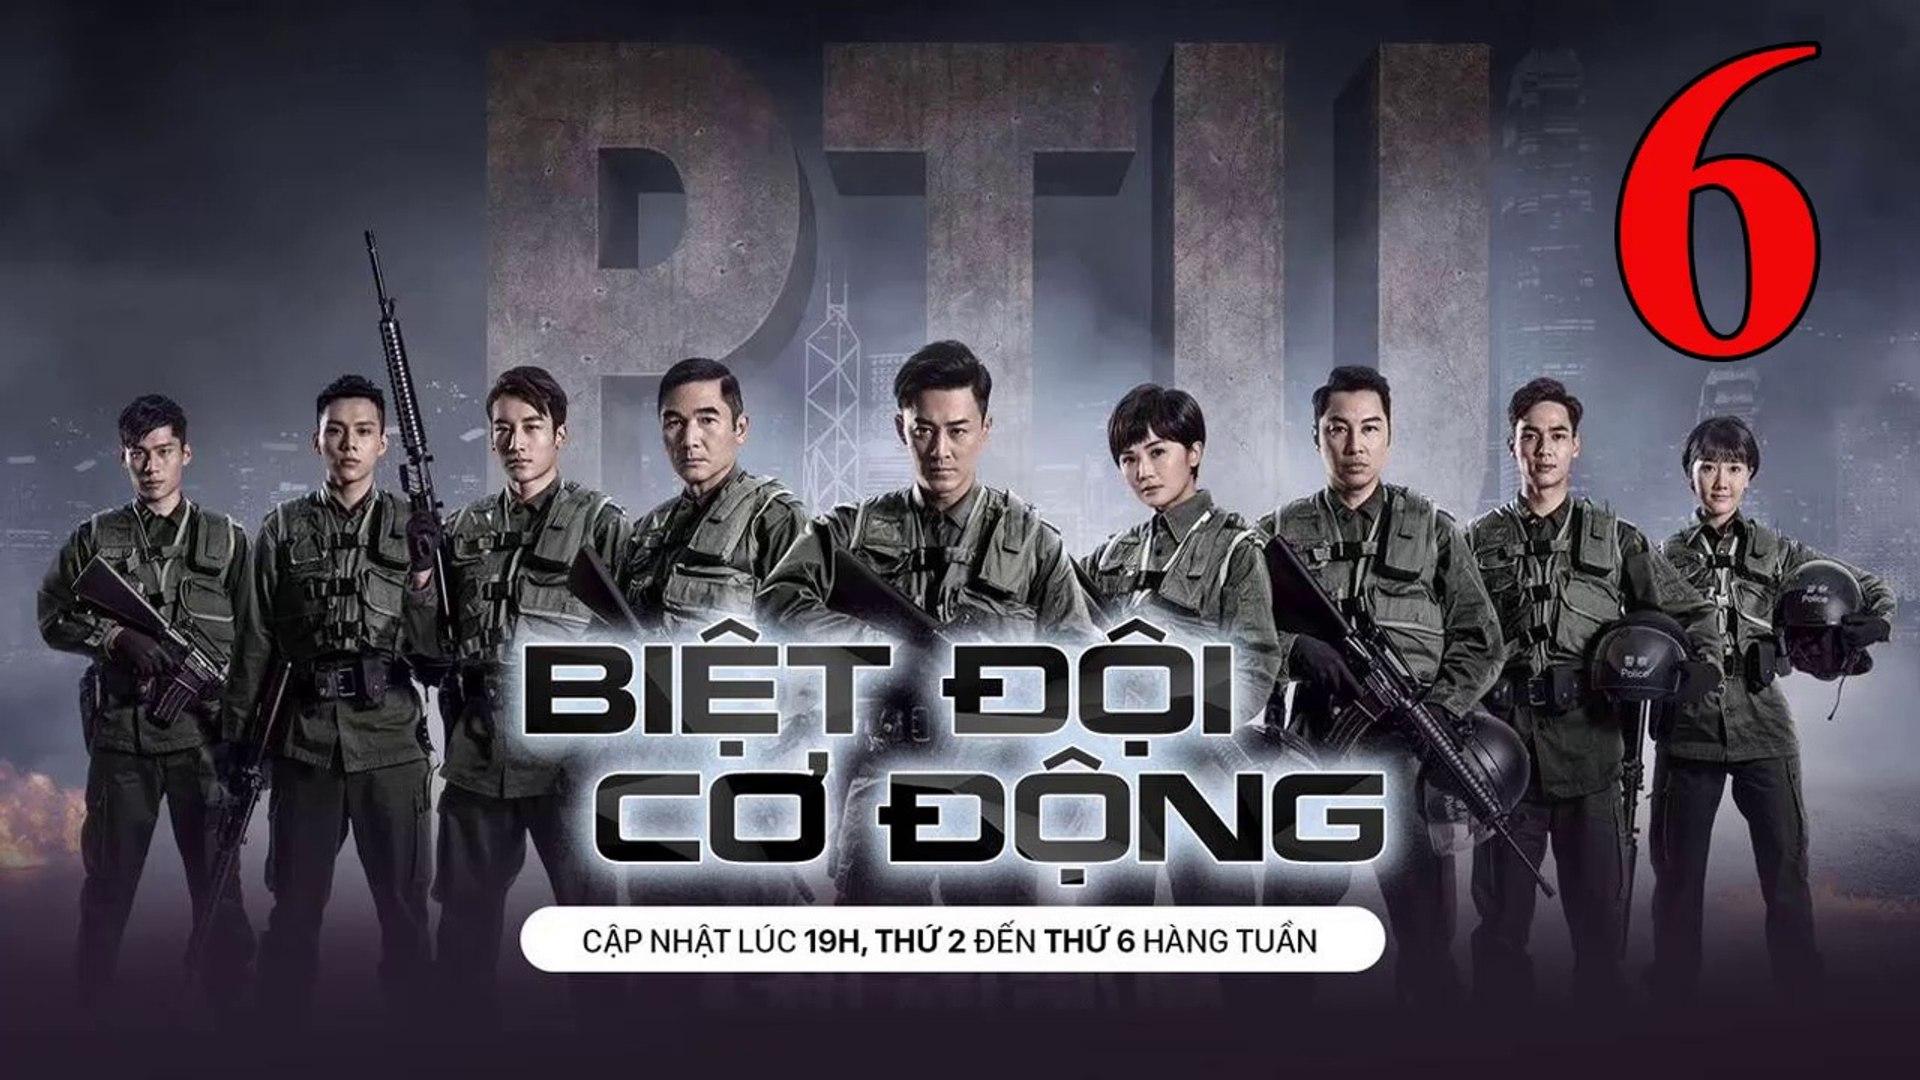 Phim Hành Động TVB: Biệt Đội Cơ Động Tập 6 Vietsub | 机动部队 Police Tactical Unit Ep.6  HD 2019